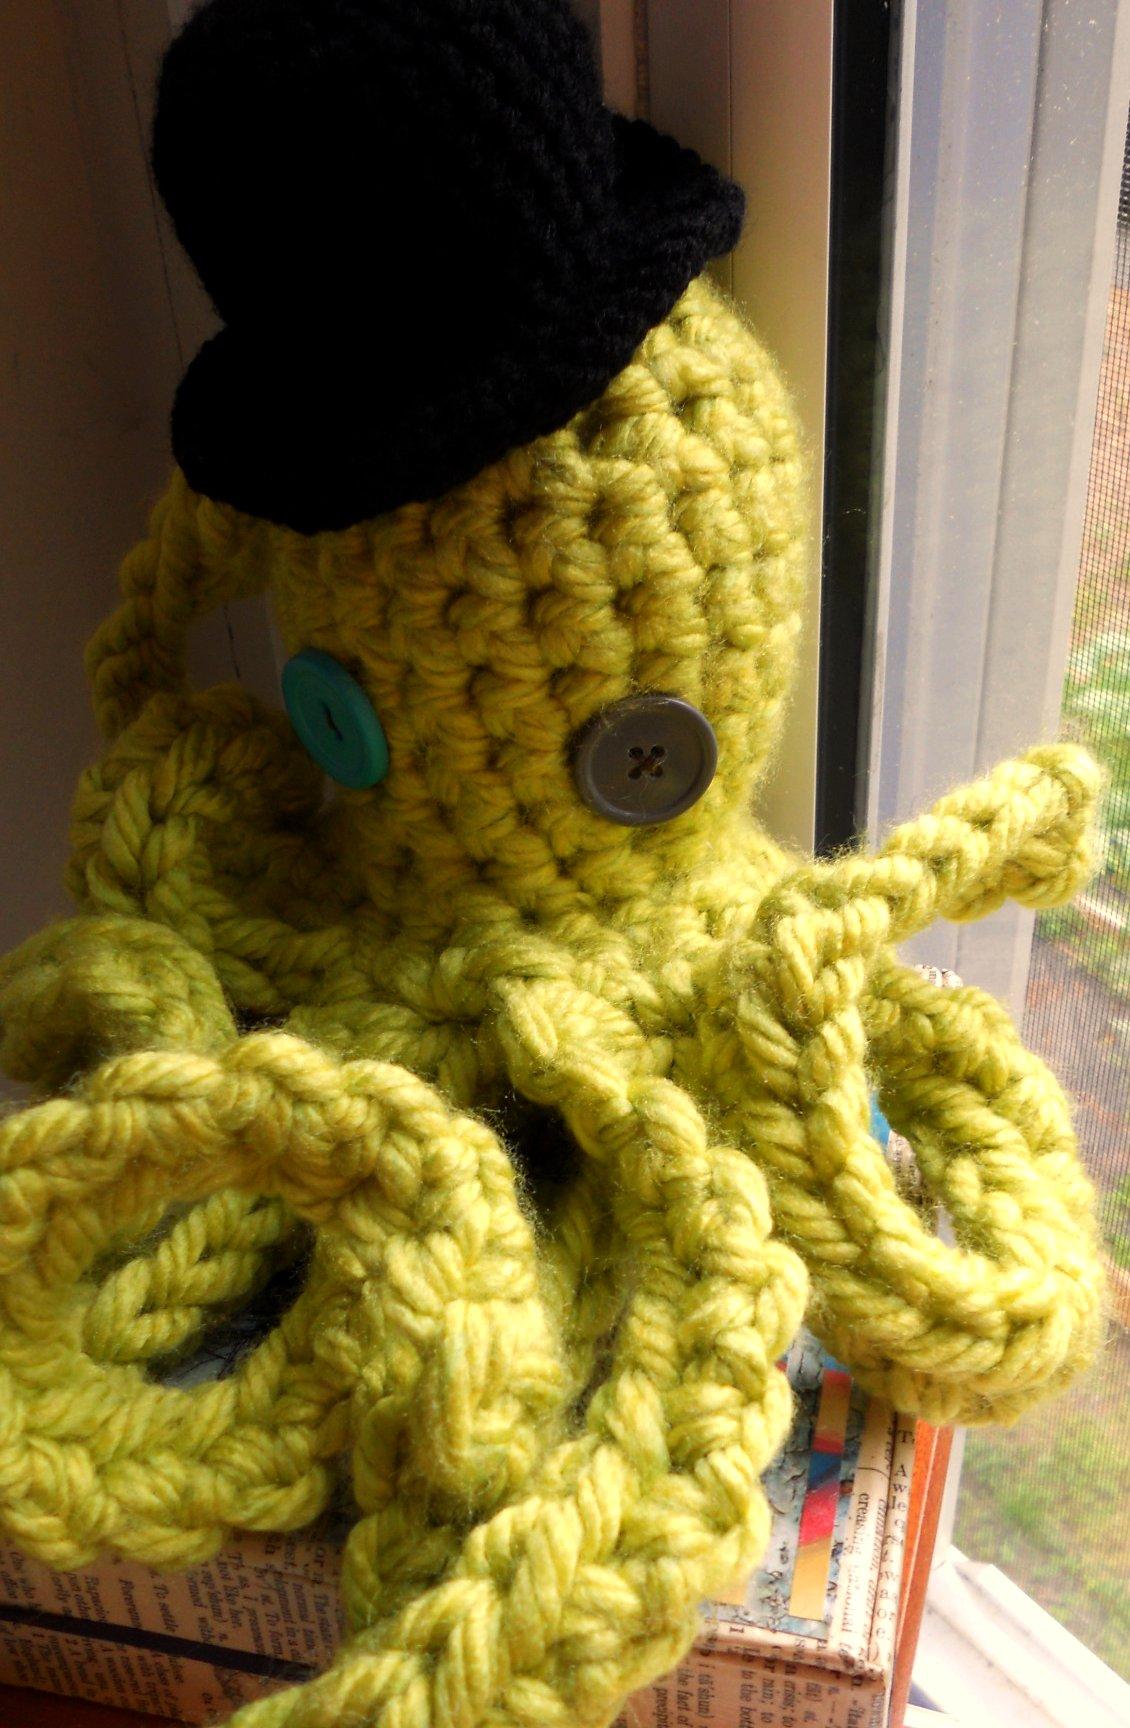 Top Hat Wearing Octopus